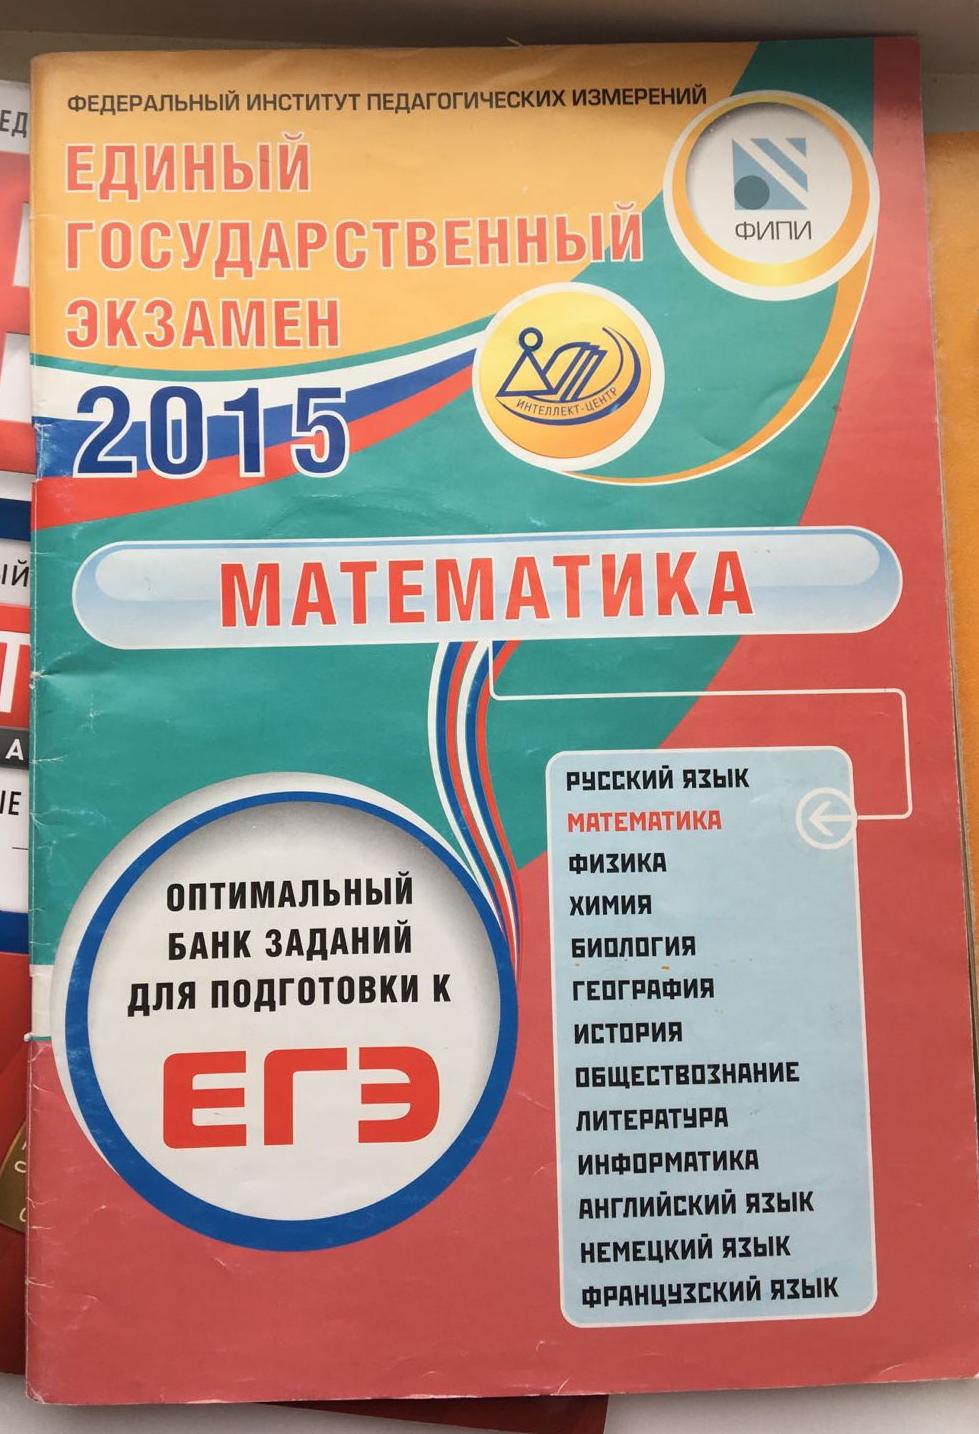 МАТЕМАТИКА Оптимальный банк заданий для подготовки к ЕГЭ 2015